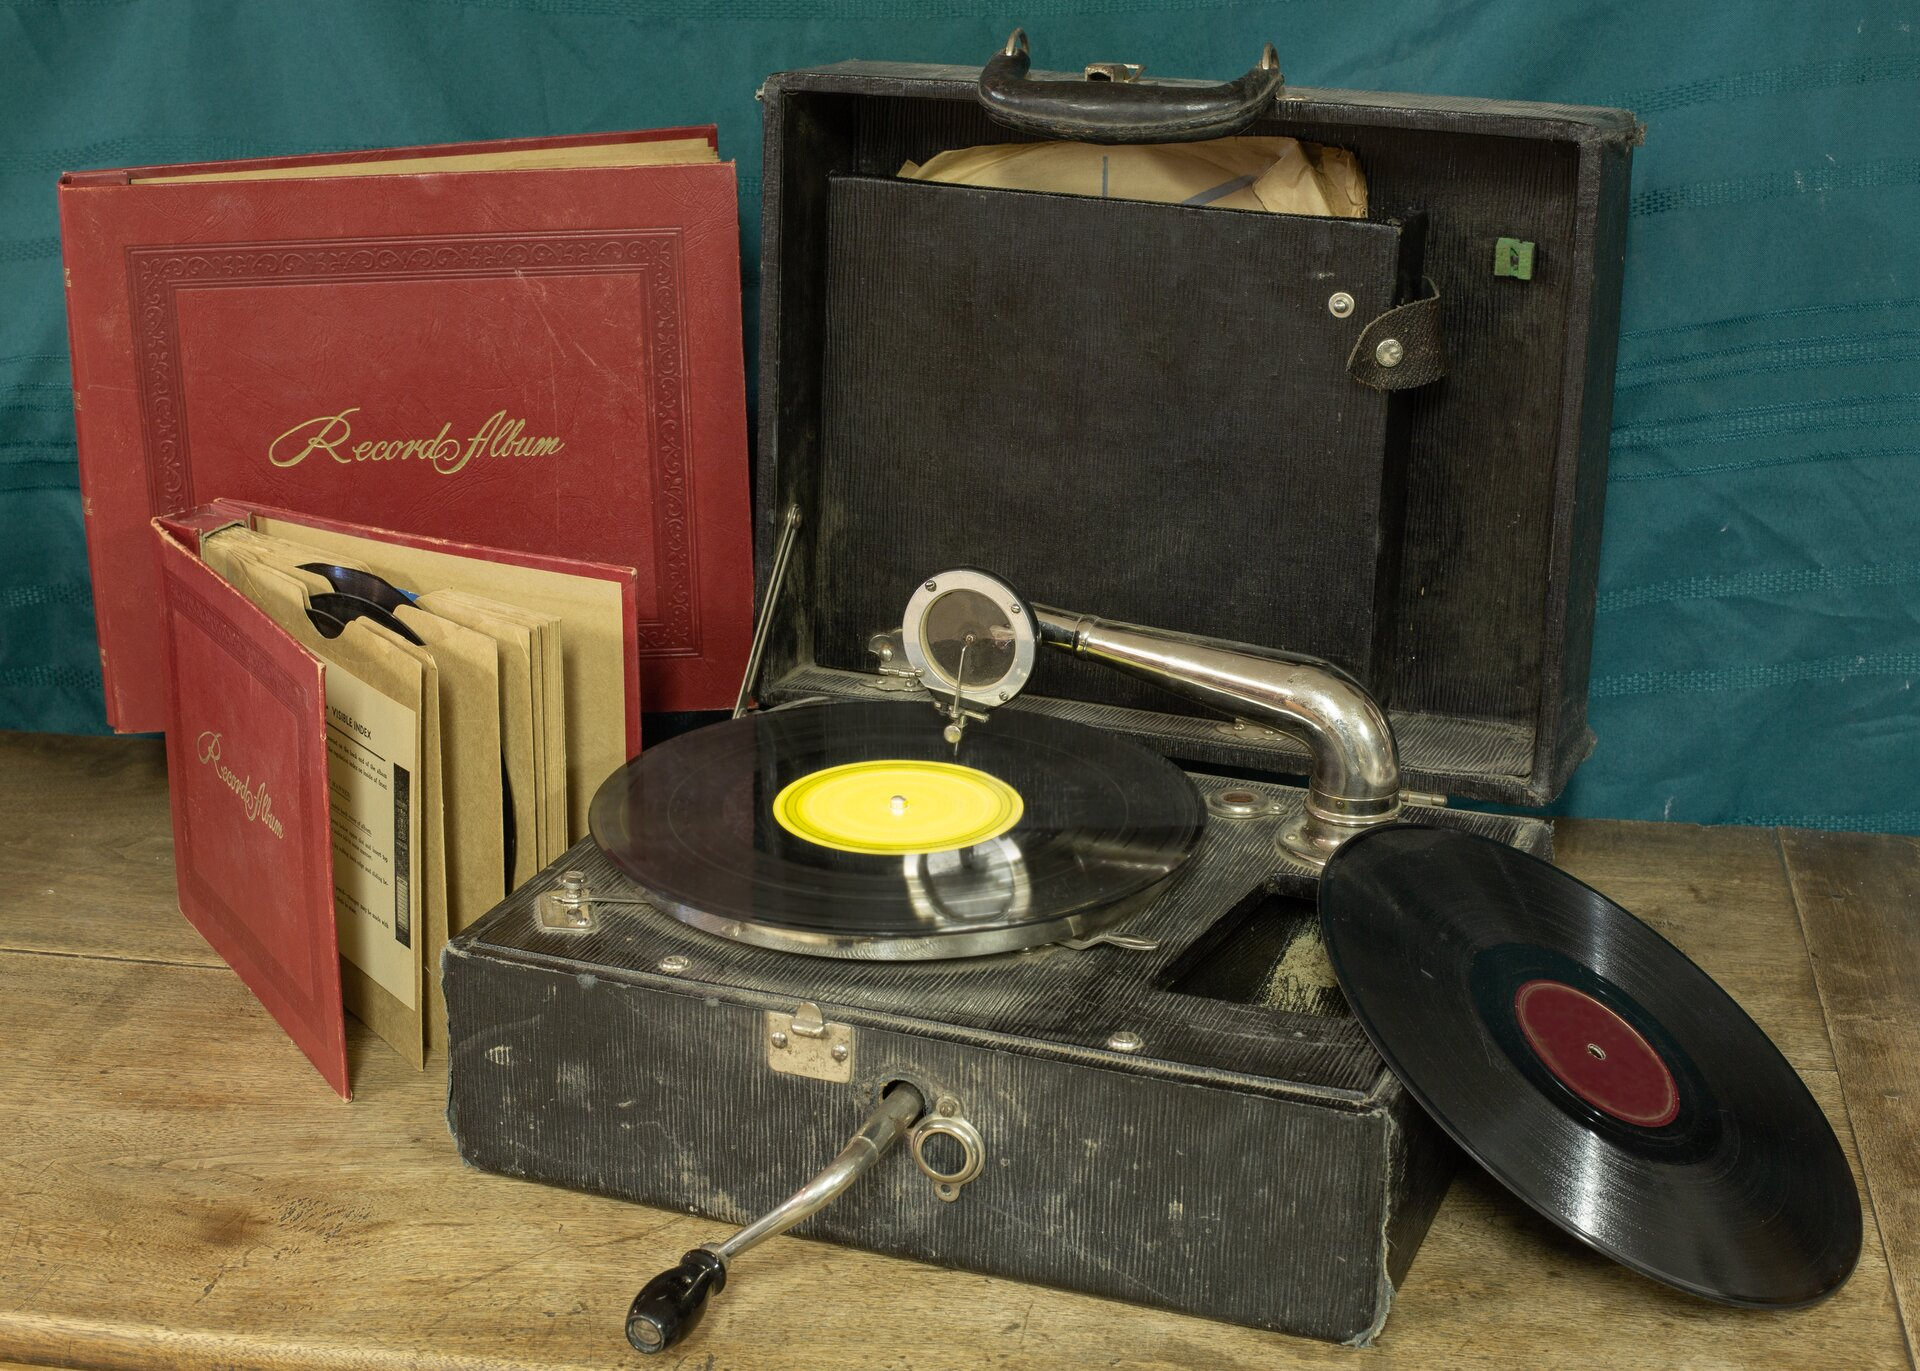 Ilustracja przedstawia zdjęcie martwej natury. Na drewnianym blacie ustawiony jest czarny, stary gramofon wformie walizki. Górna klapa jest otwarta, awjego wnętrzu widoczna jest czarna winylowa płyta zżółtym środkiem, nad którą spoczywa ramię zokrągłą główką iigłą. Zprzedniej ścianki gramofonu wystaje metalowa korbka, natomiast zprawej strony leży oparta ojego brzeg, druga, czarna płyta Po lewej stronie kadru stoją ustawione wpionie dwa, oprawione na czerwono albumy. Większy, zamknięty opiera się ościanę. Przed nim stoi mniejszy, lekko rozchylony. Martwa natura ustawiona jest na tle ciemno-błękitnej ściany.